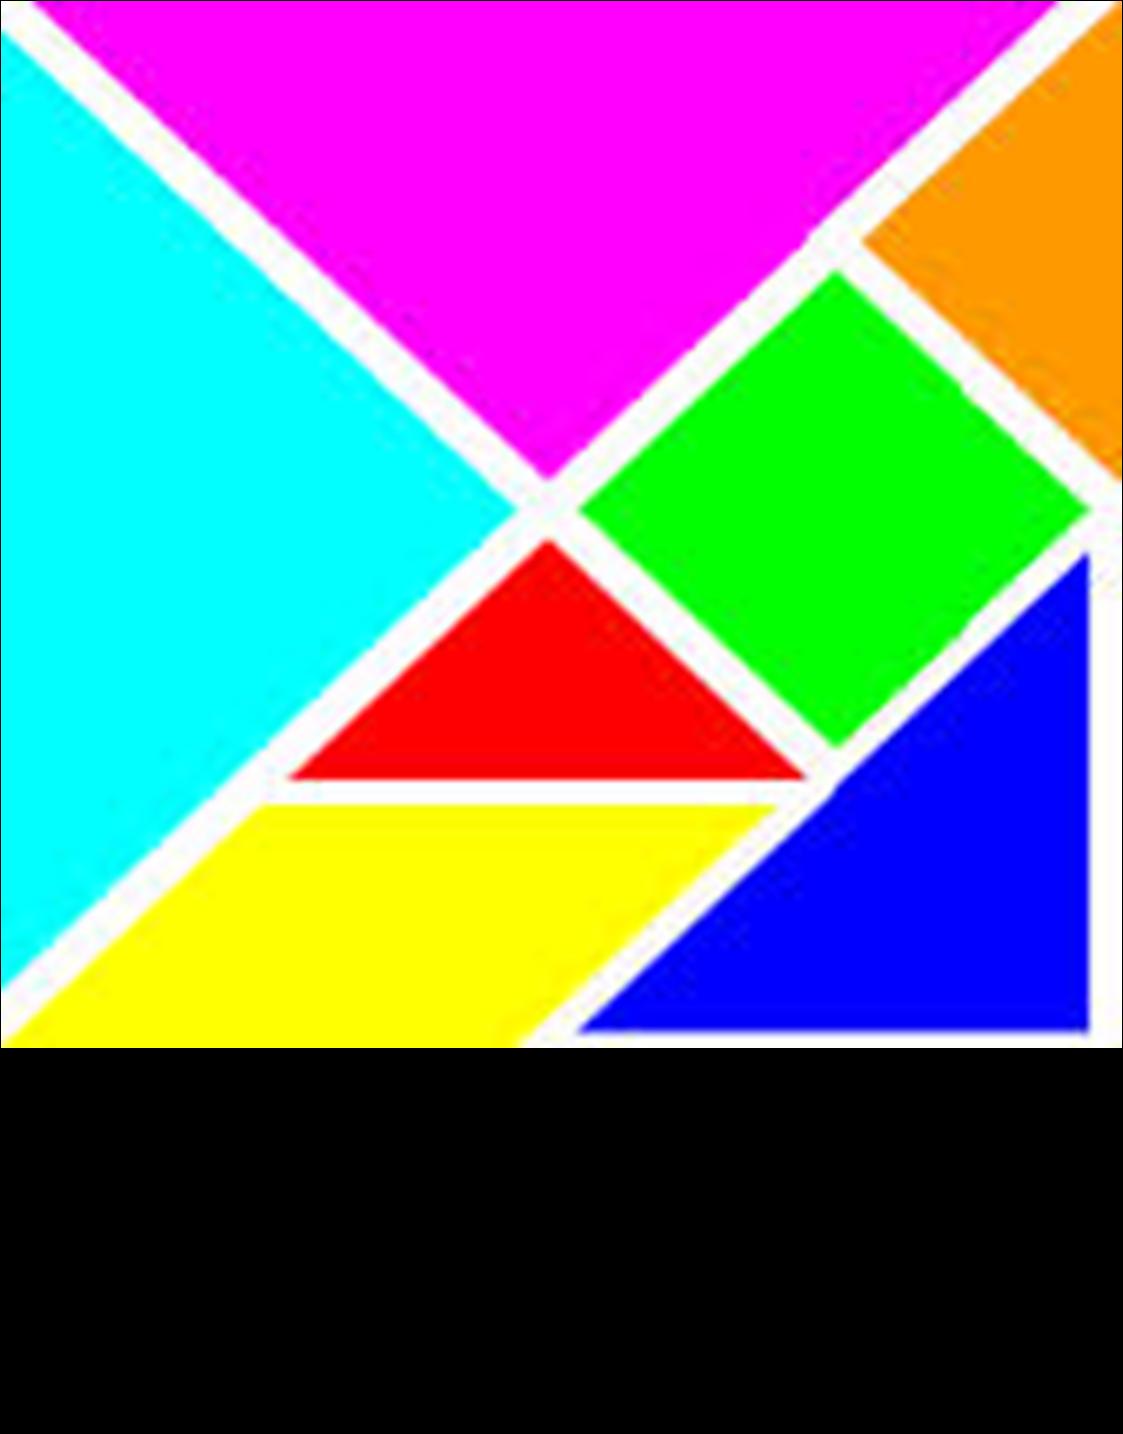 Tangram Pictures Printable Free Patterns